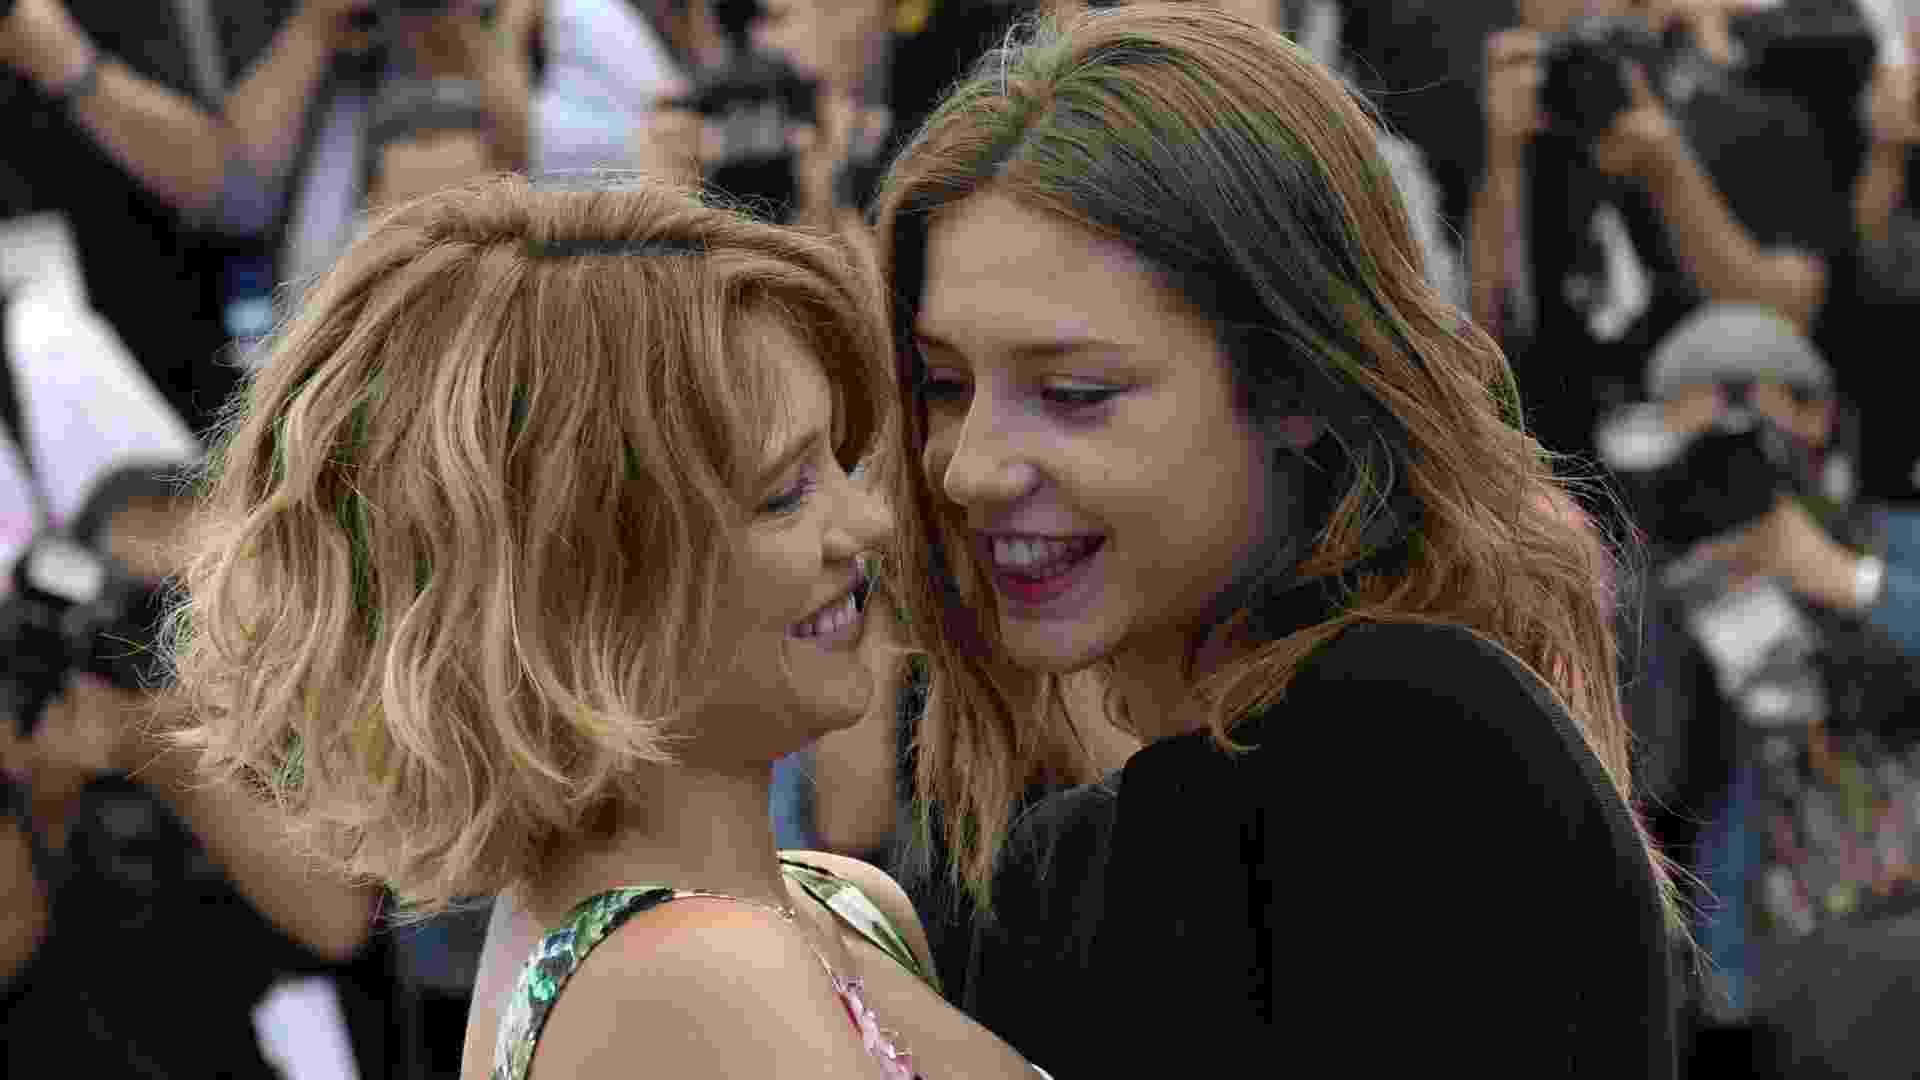 """23.mai.2013 - As atrizes francesas Lea Seydoux e Adele Exarchopoulos se abraçam durante sessão de fotos do filme """"La Vie D'Adele"""" (""""Blue is the Warmest Colour""""), que concorre à Palma de Ouro em Cannes. No filme, Adele é uma adolescente que descobre uma nova forma de amar quando conhece Emma - Anne-Christine Poujoulat/AFP"""